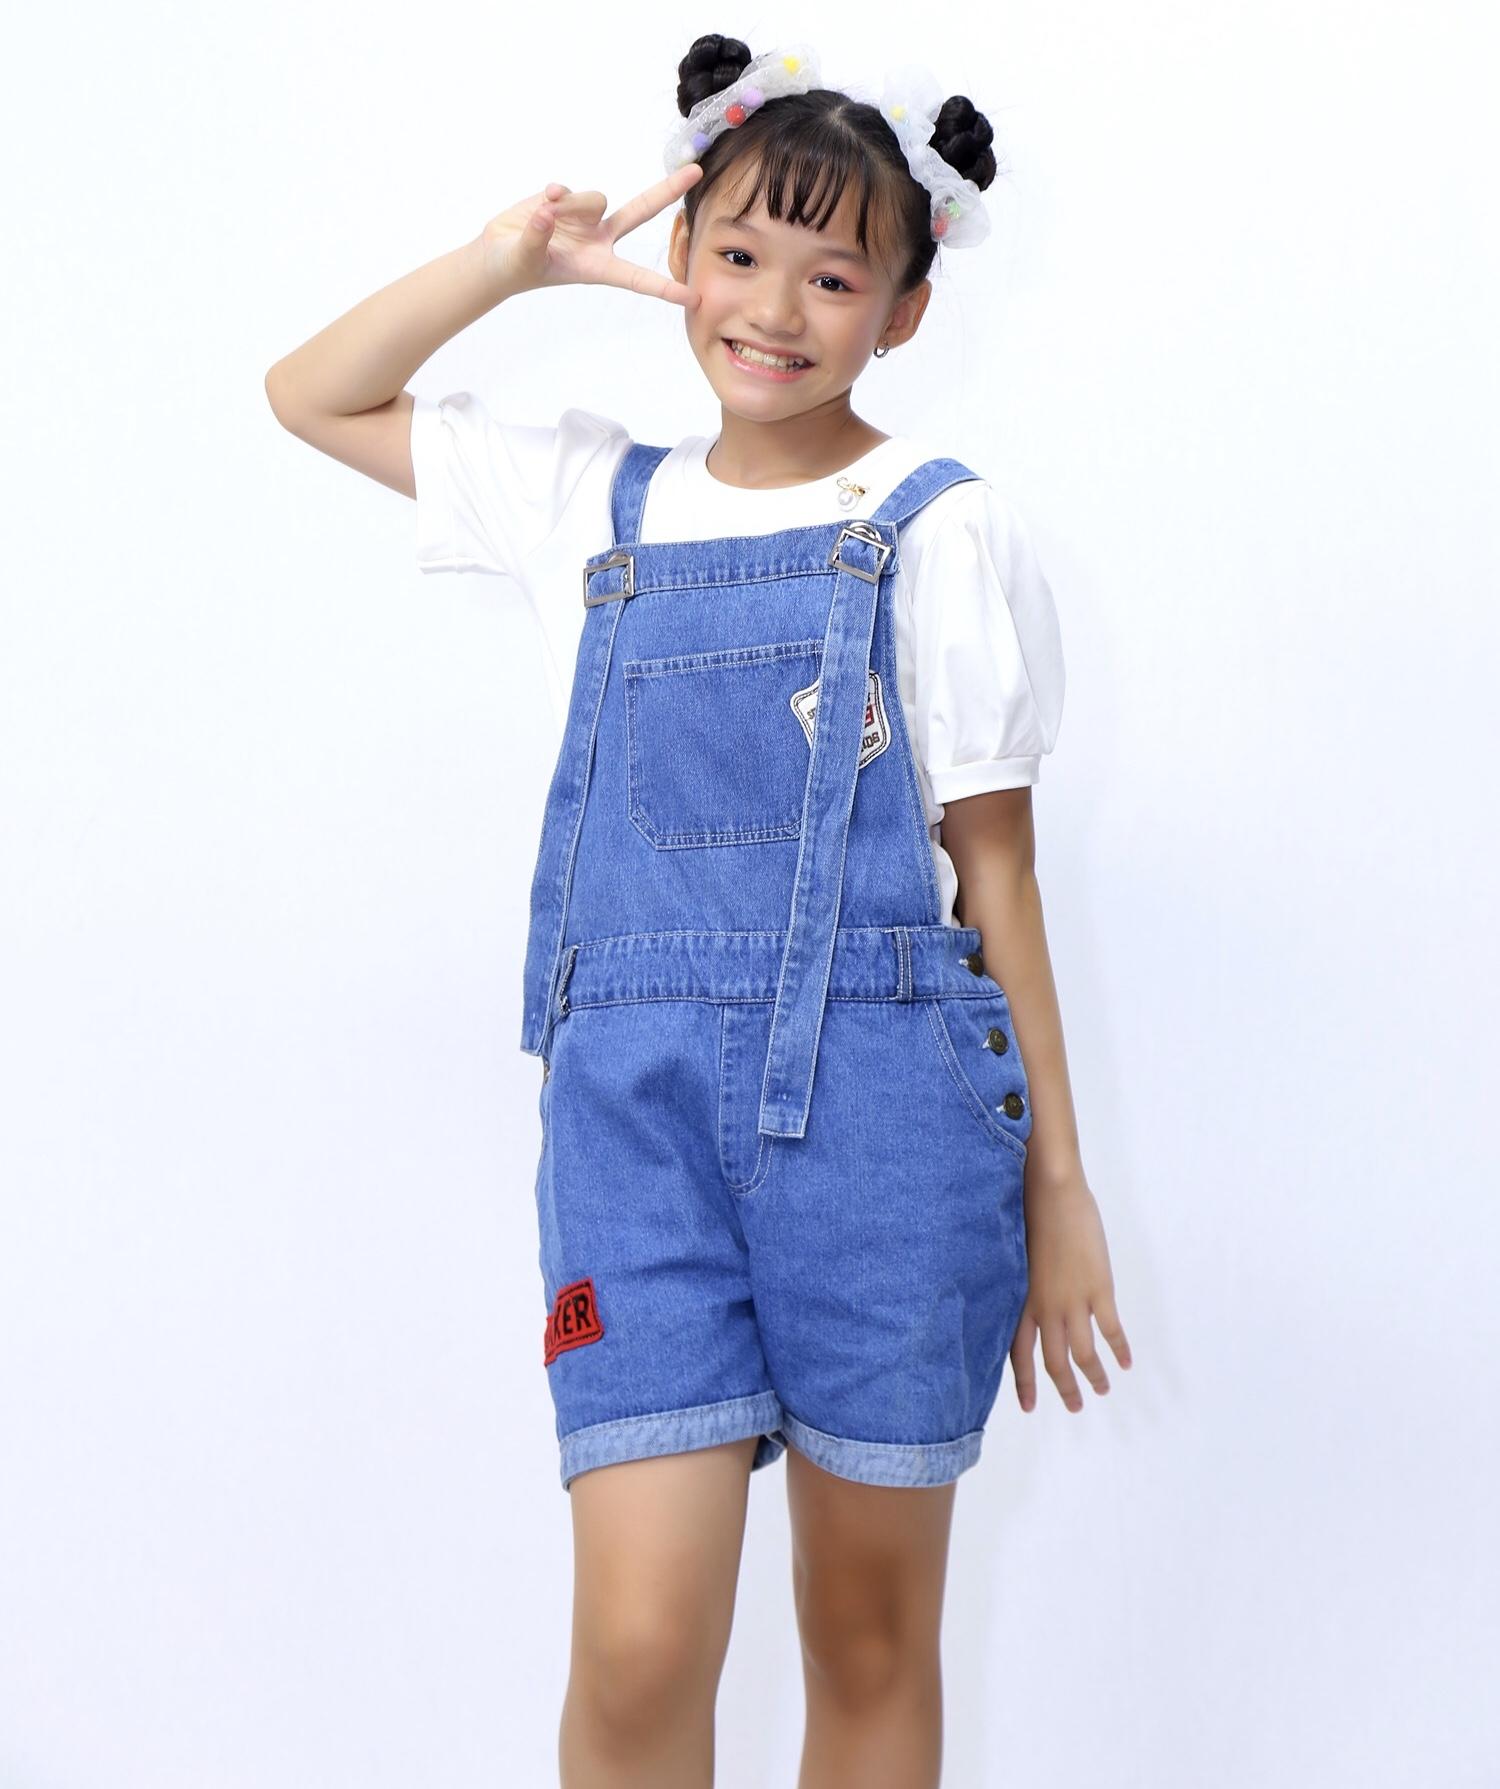 Ốc Thanh Vân đồng cảm với cô bé 11 tuổi bị mẹ ngăn cấm theo nghề nhảy vì lý do này - 1